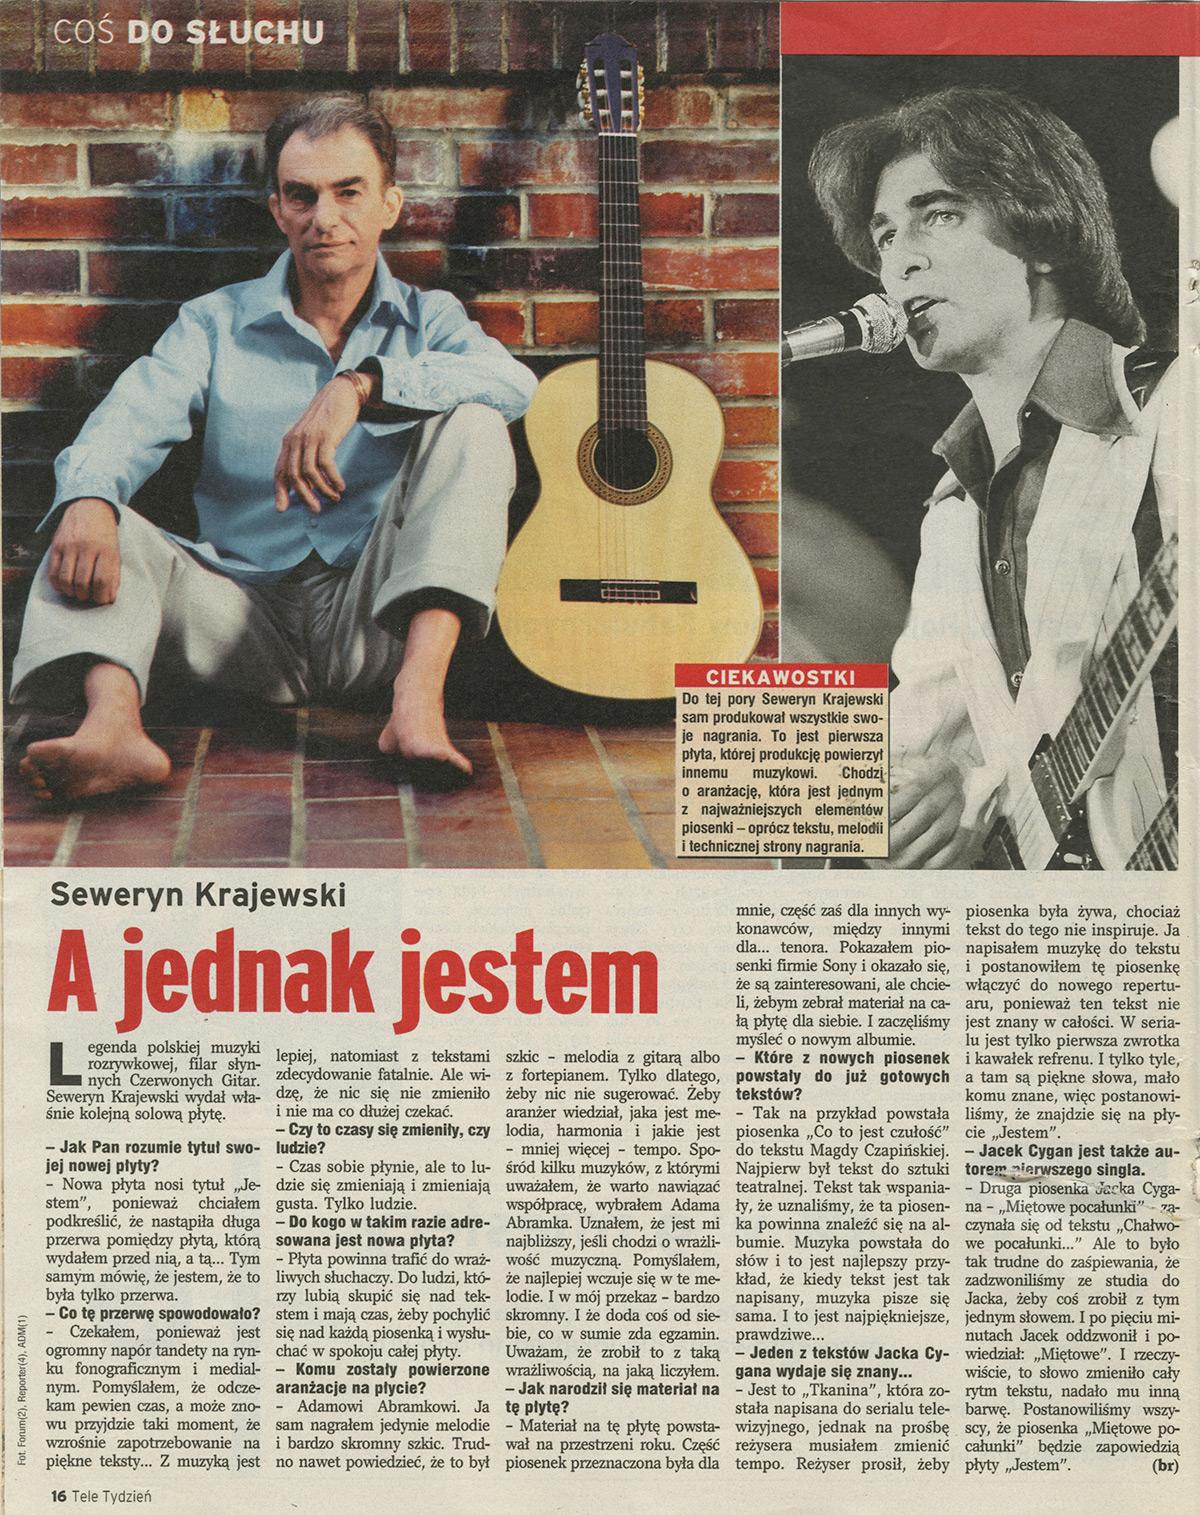 1991-2003-Tele_tydzien_2003_A_jednak_jestem_02